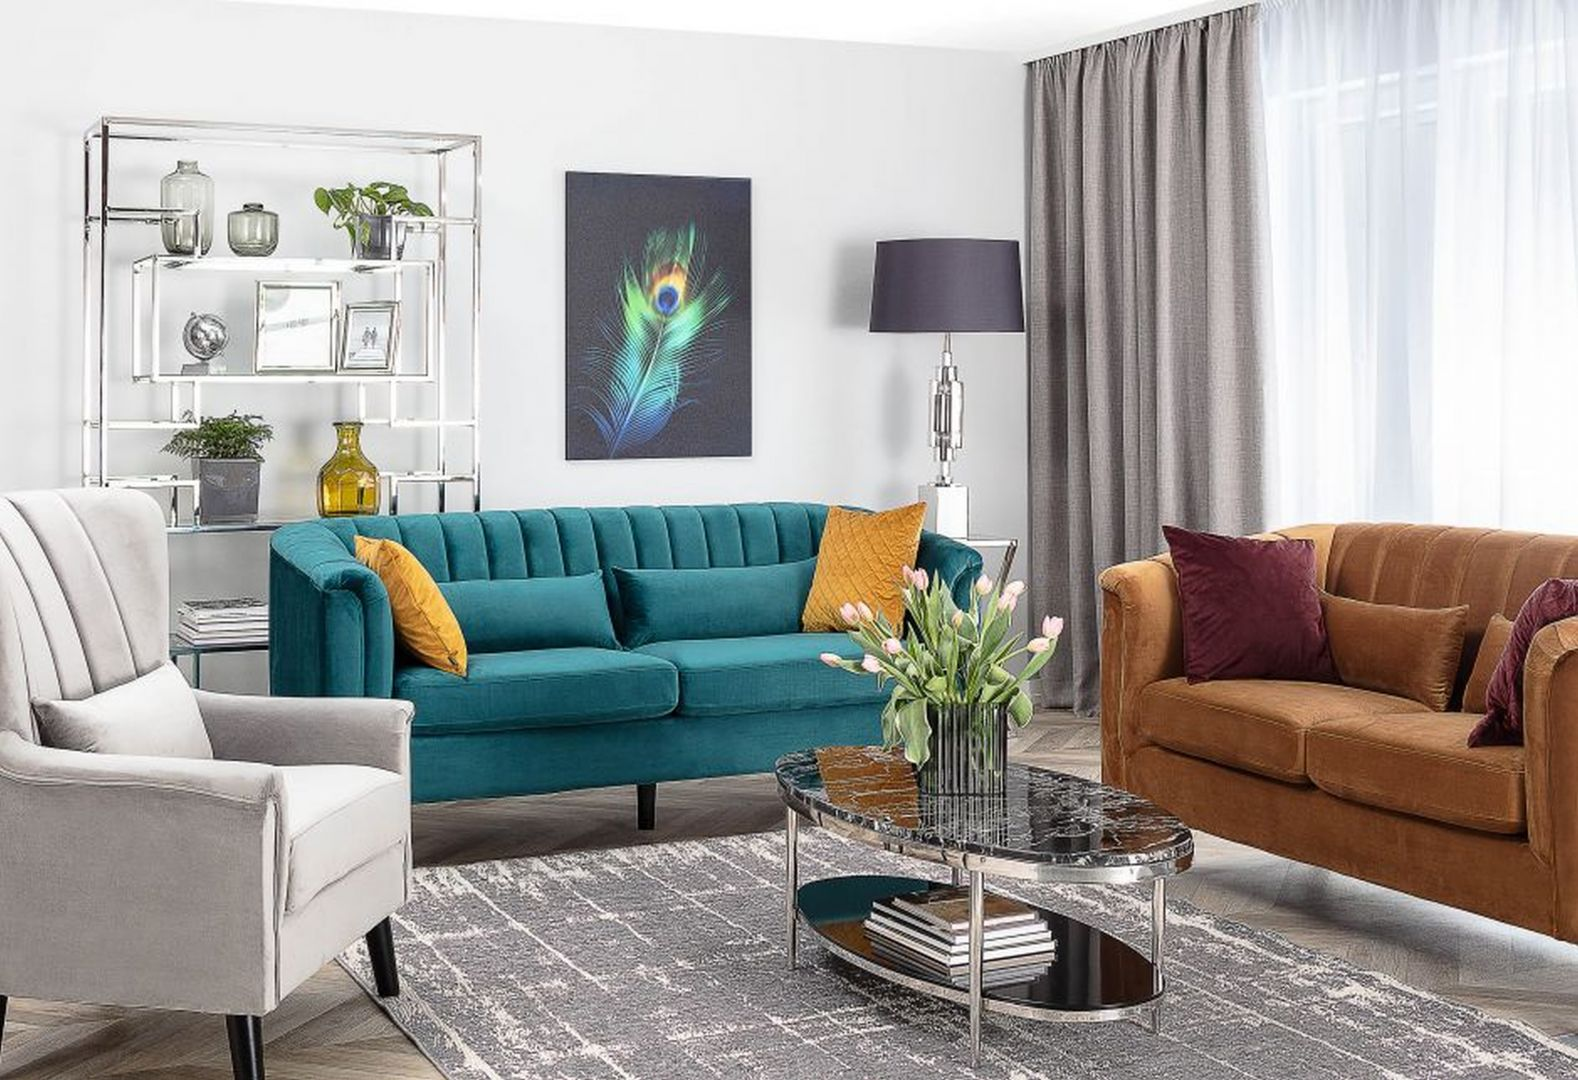 Wyjątkowy nastrój w Twoim domu stworzy zatem umiejętne zestawienie odcienia karmelowego, cynamonowego oraz oliwkowej zieleni. Fot. Fotel Meriva Velvet rocky, Dekoria